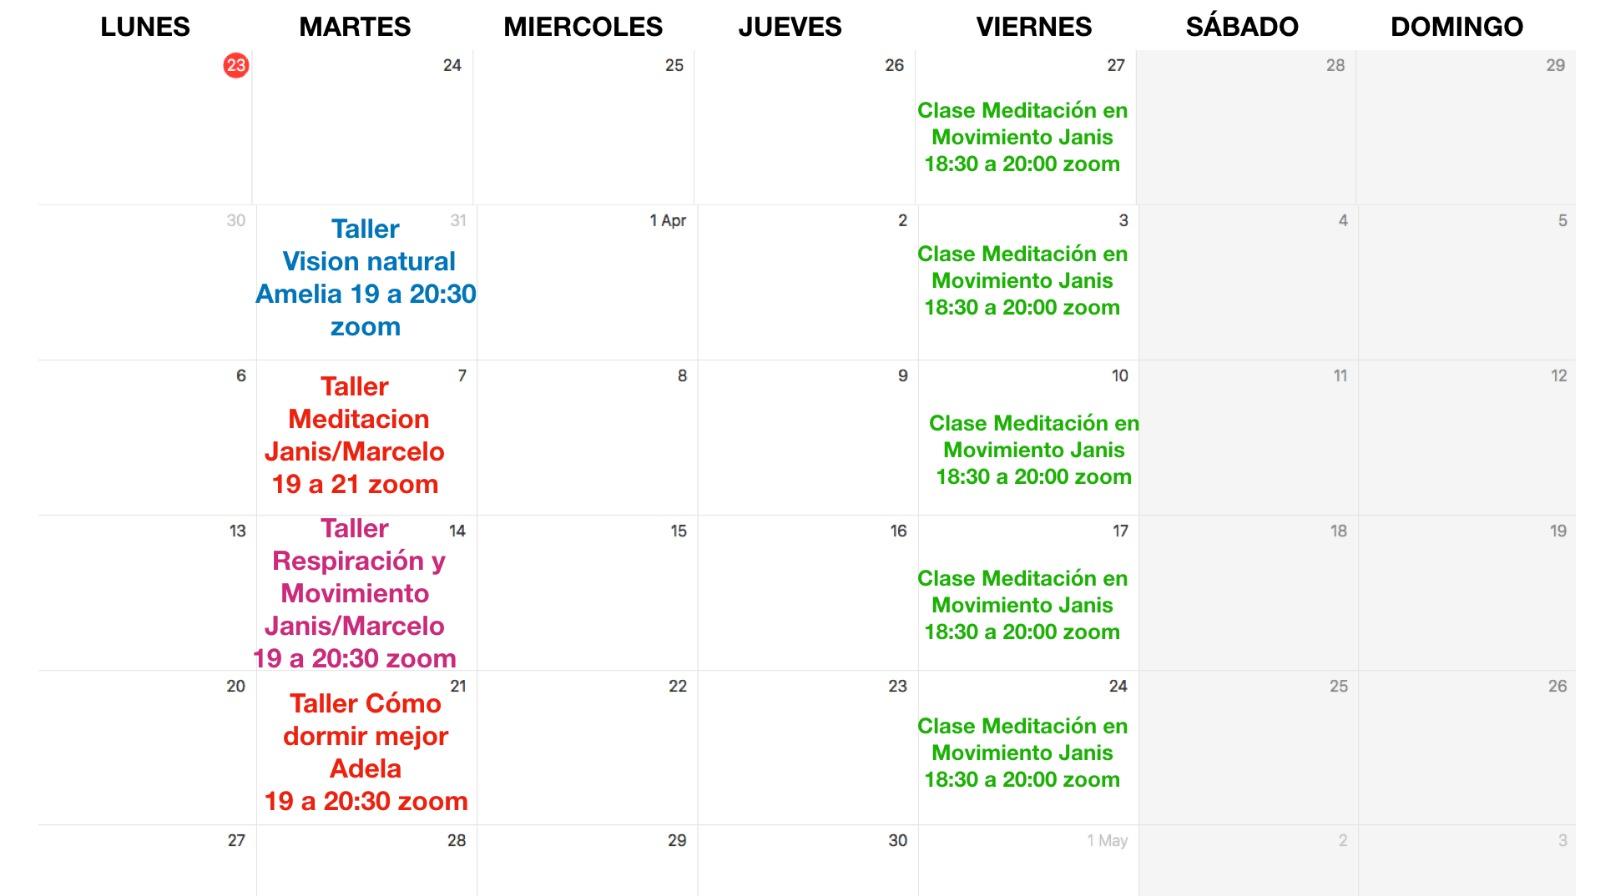 Talleres Online - Centro Quiropráctico Madrid